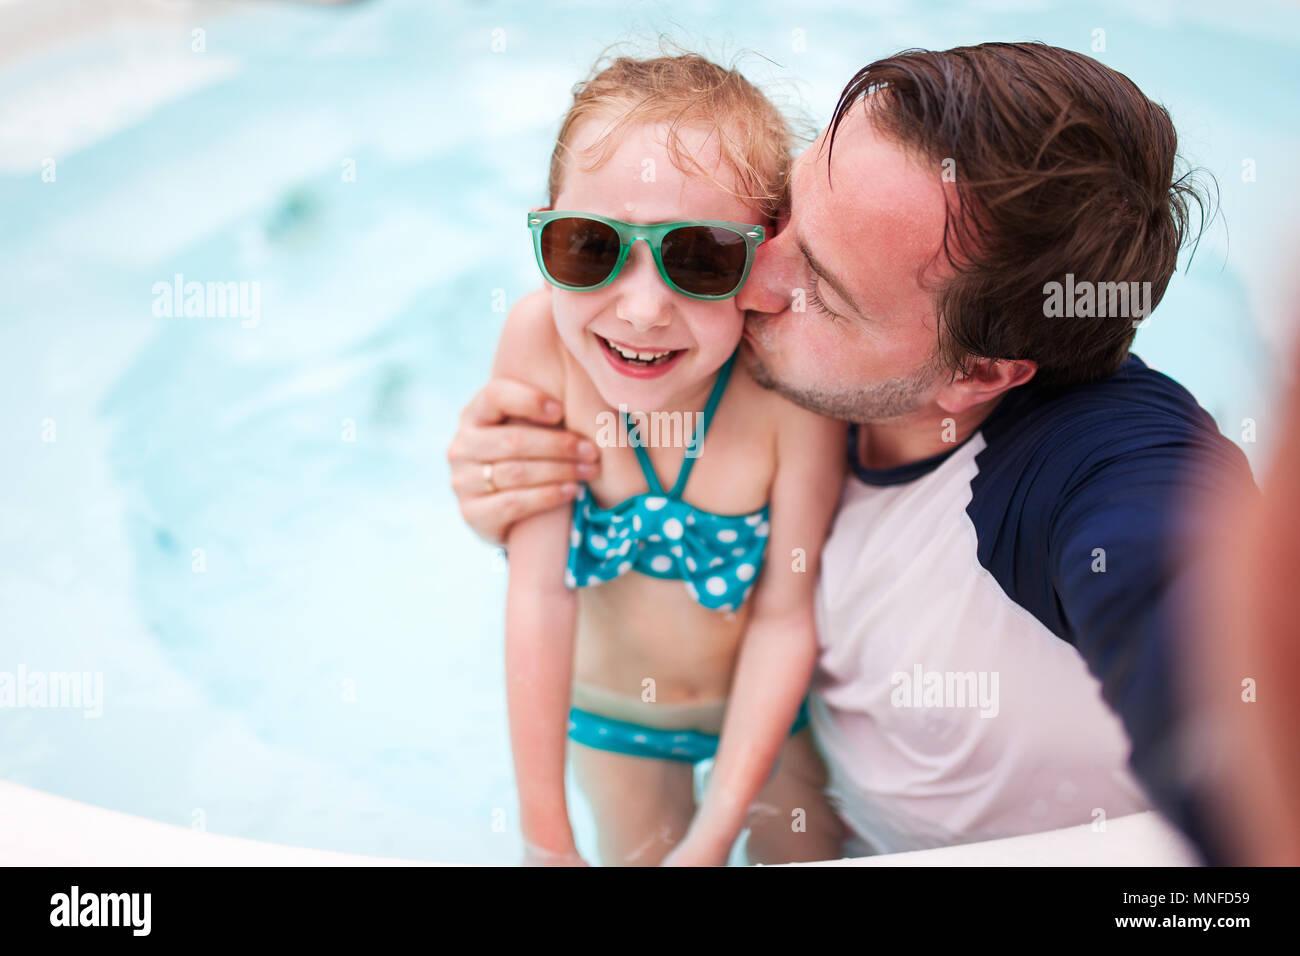 Père de famille heureuse et son adorable petite fille à l'extérieur piscine faire selfies Photo Stock